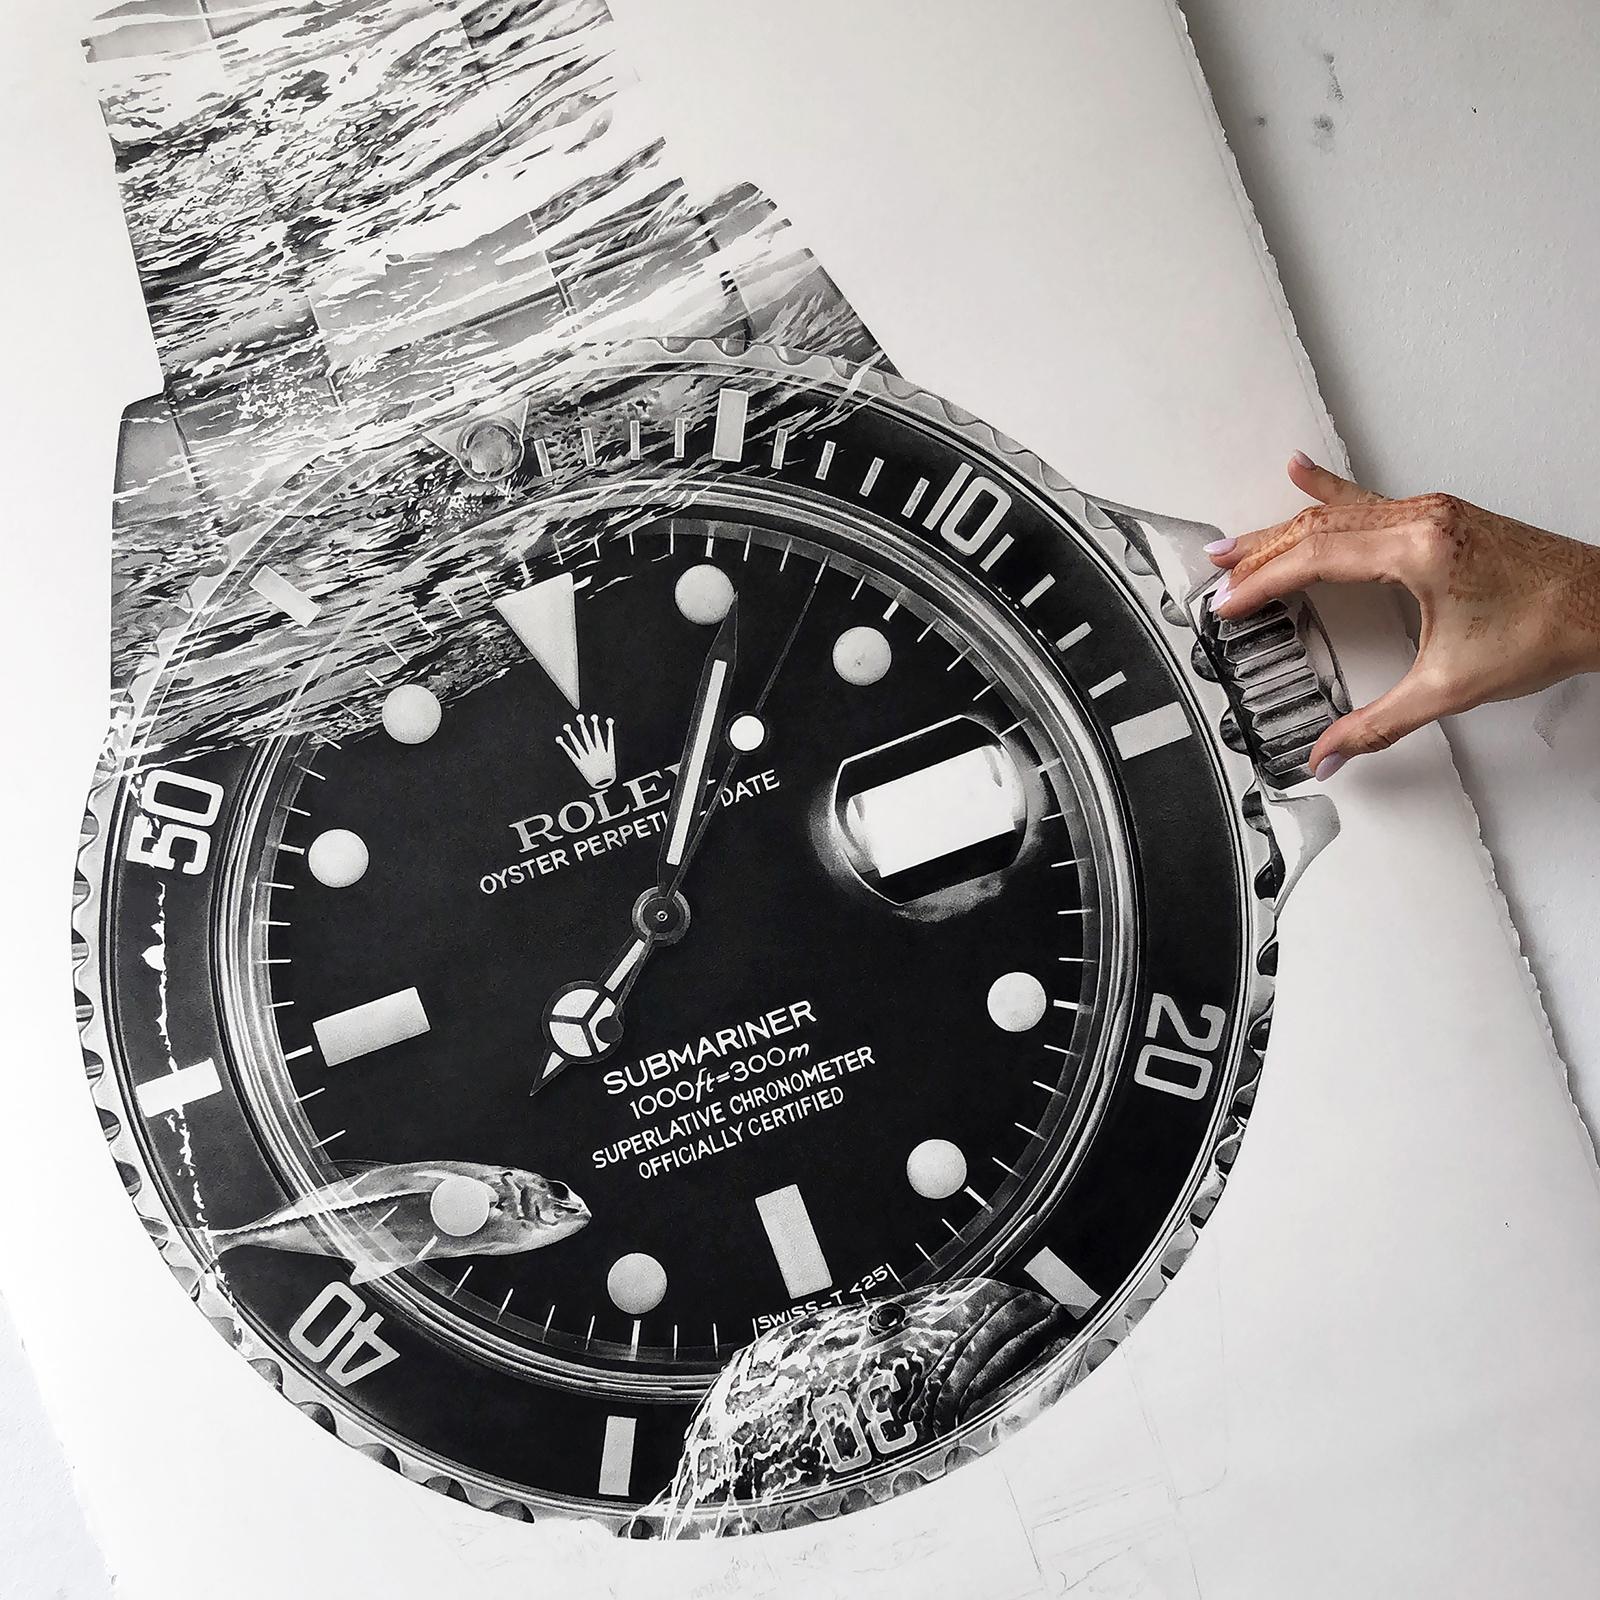 Rolex // Submariner 16800